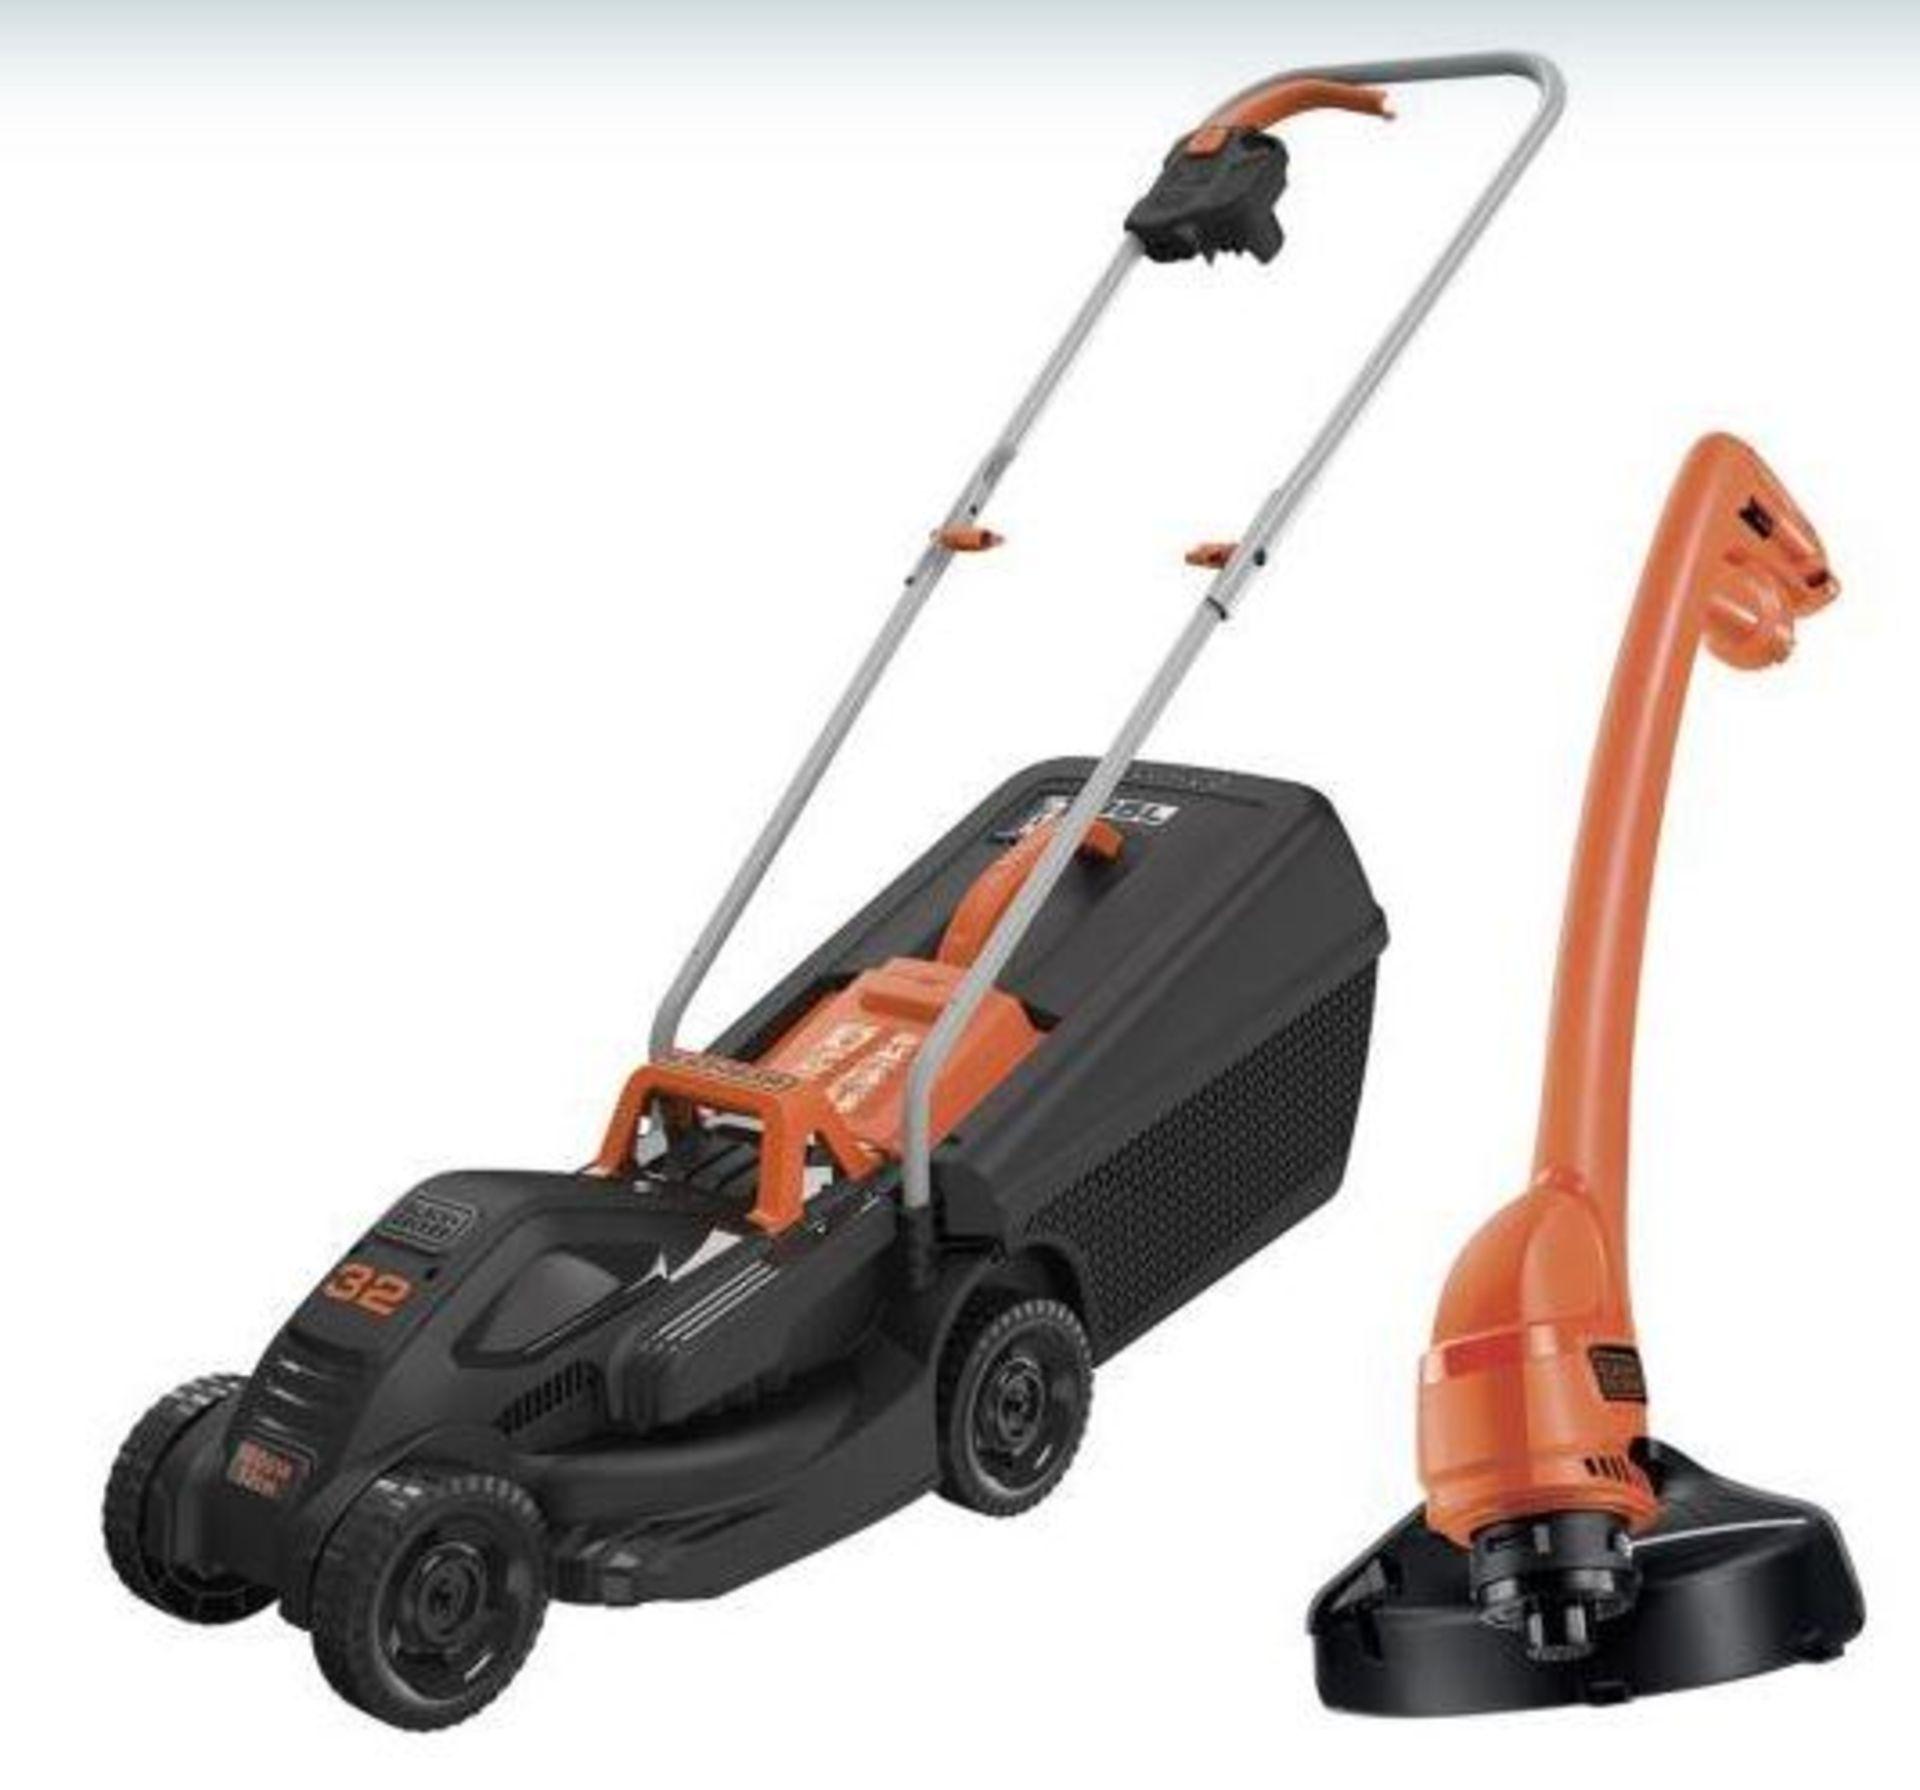 (P5) 1x Black & Decker 32cm 1000W Corded Lawn Mower & Strimmer RRP £99. Contents Appear Clean, Unu